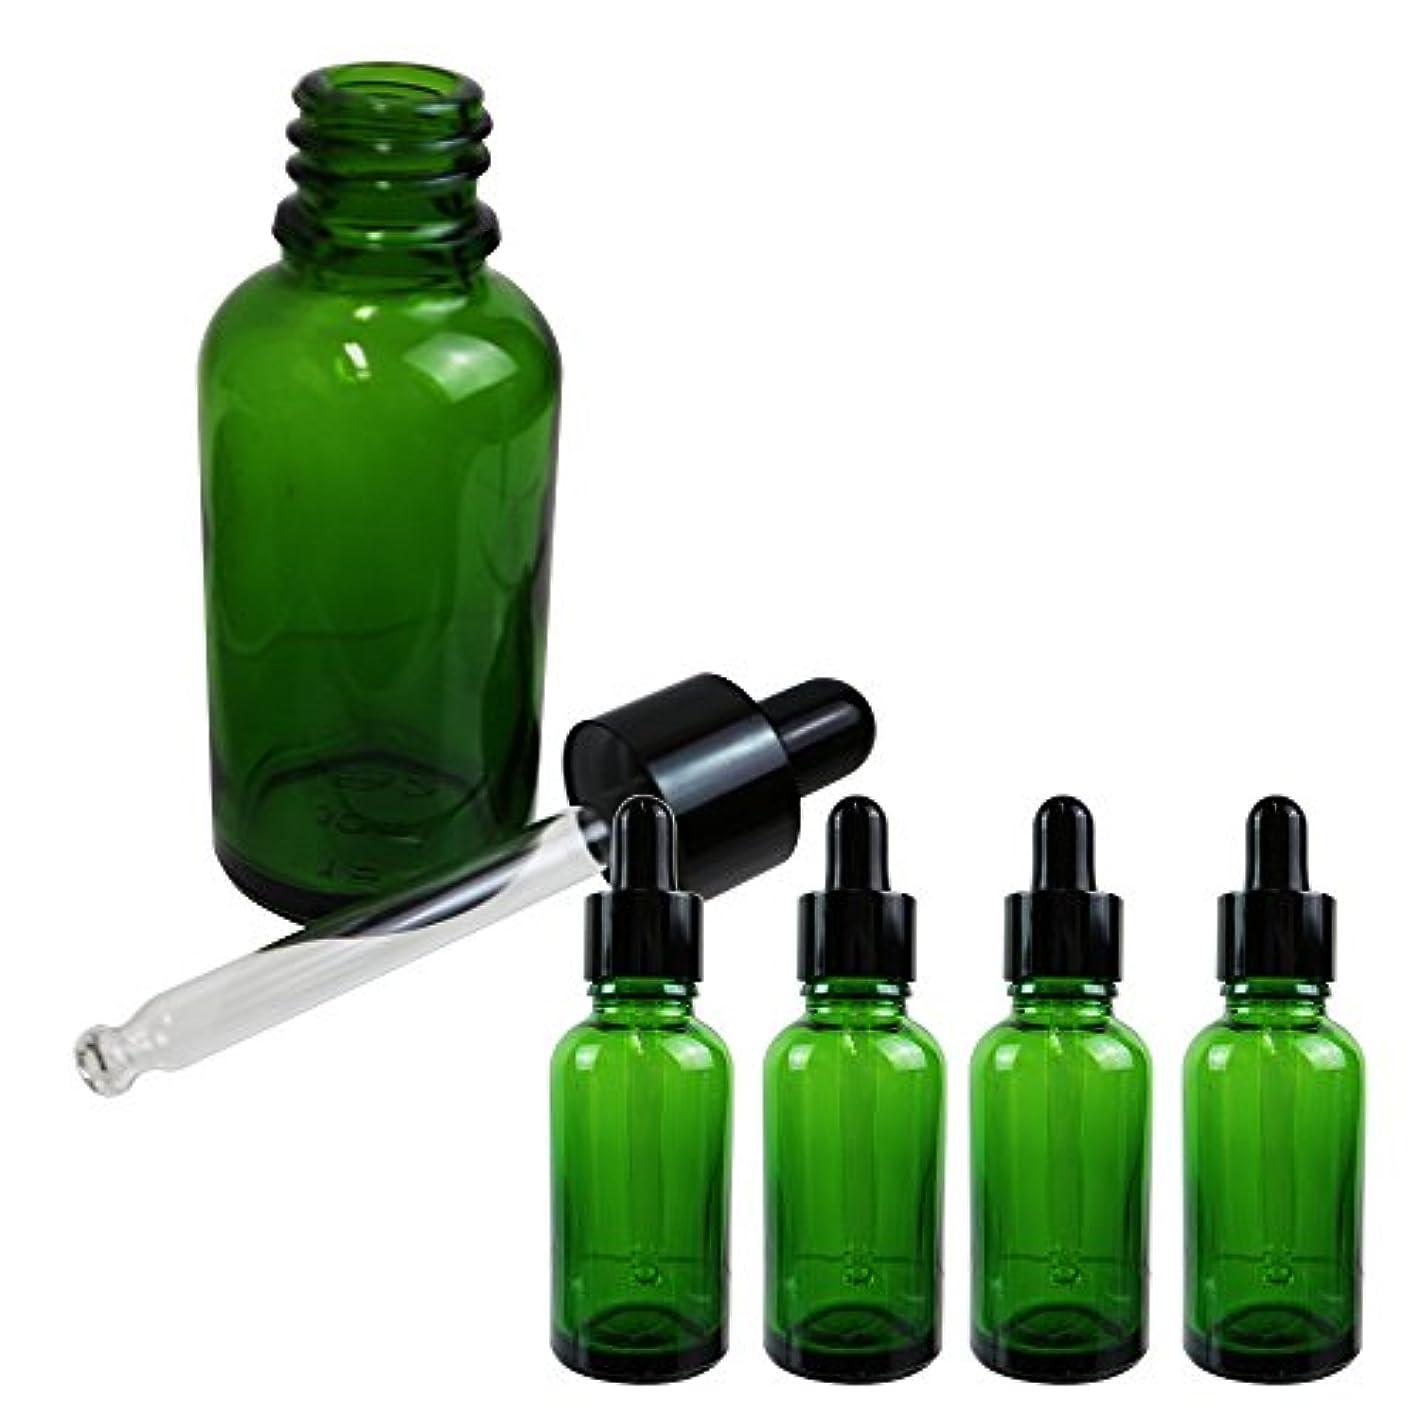 ジョガーピンチ努力するSunlitous スポイト付き遮光瓶 香水 アロマ 化粧水 小分け 保存用 30ml 5本セット (グリーン)